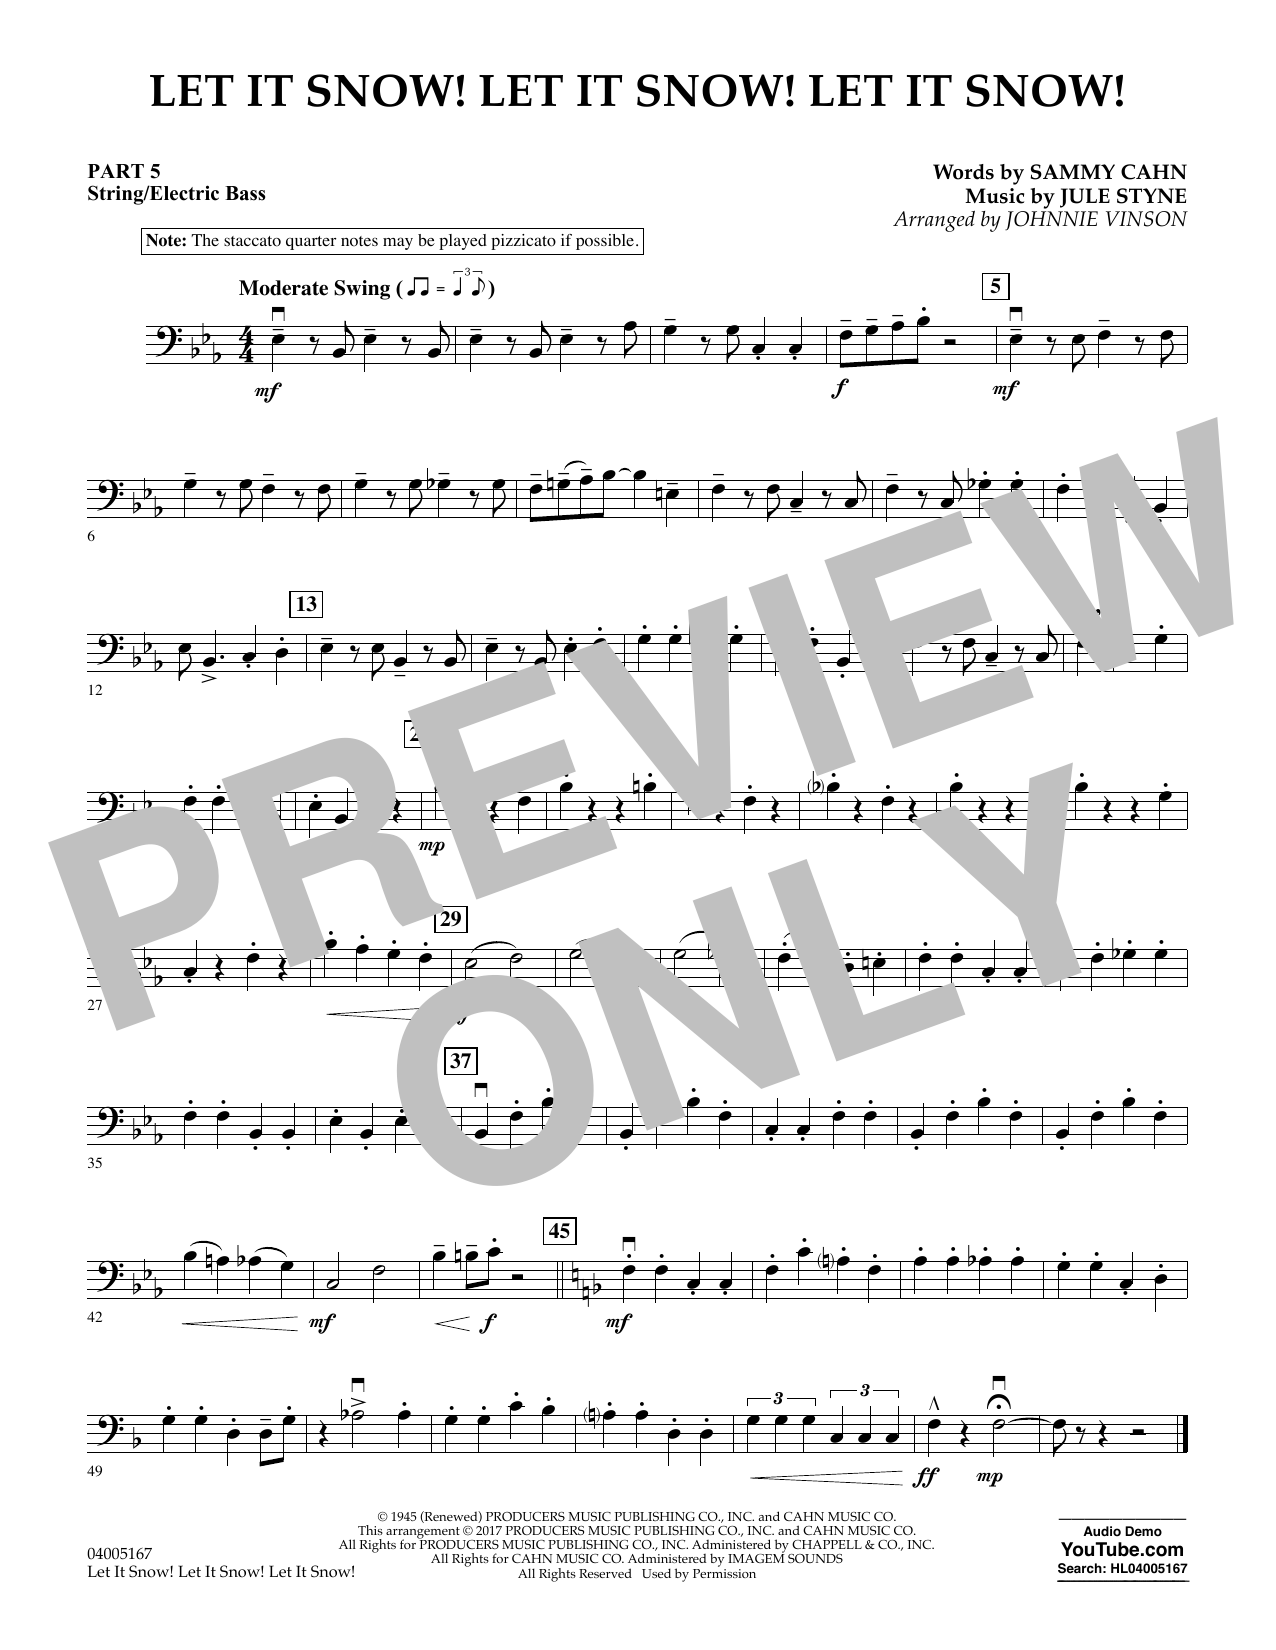 Let It Snow! Let It Snow! Let It Snow! - Pt.5 - String/Electric Bass (Concert Band)